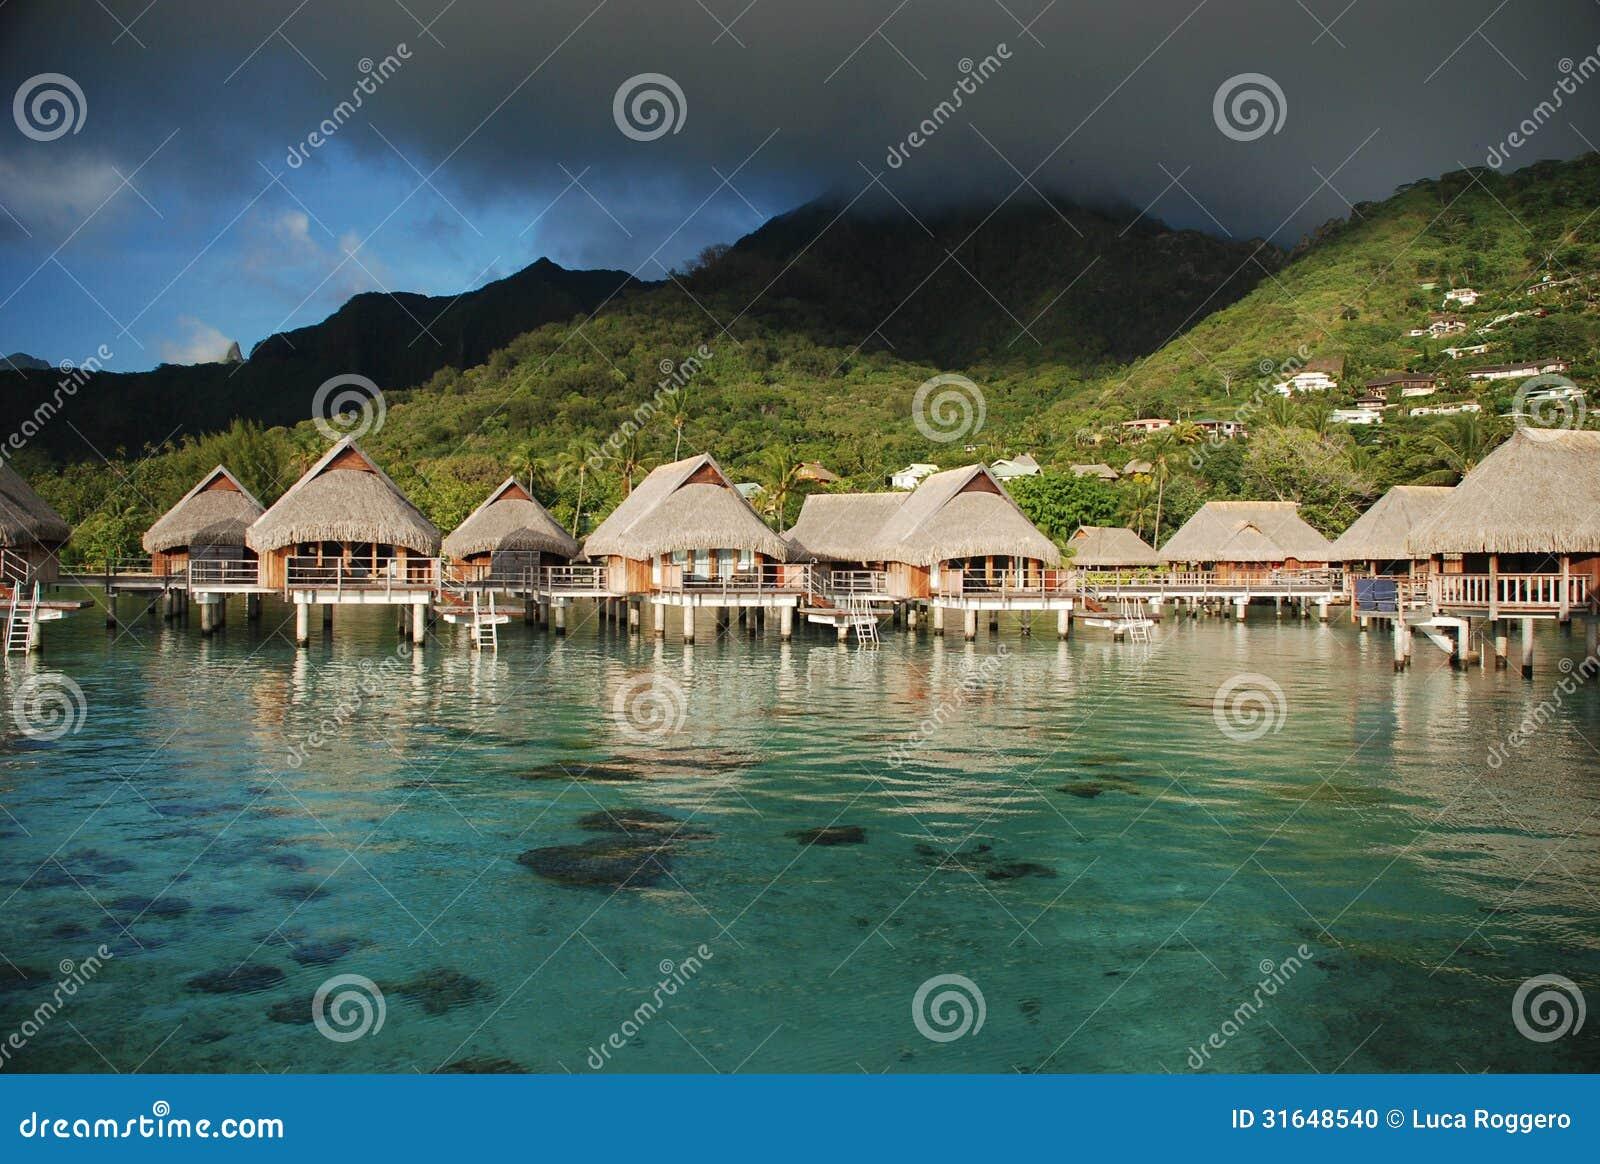 Casas de planta baja de Overwater. Moorea, Polinesia francesa